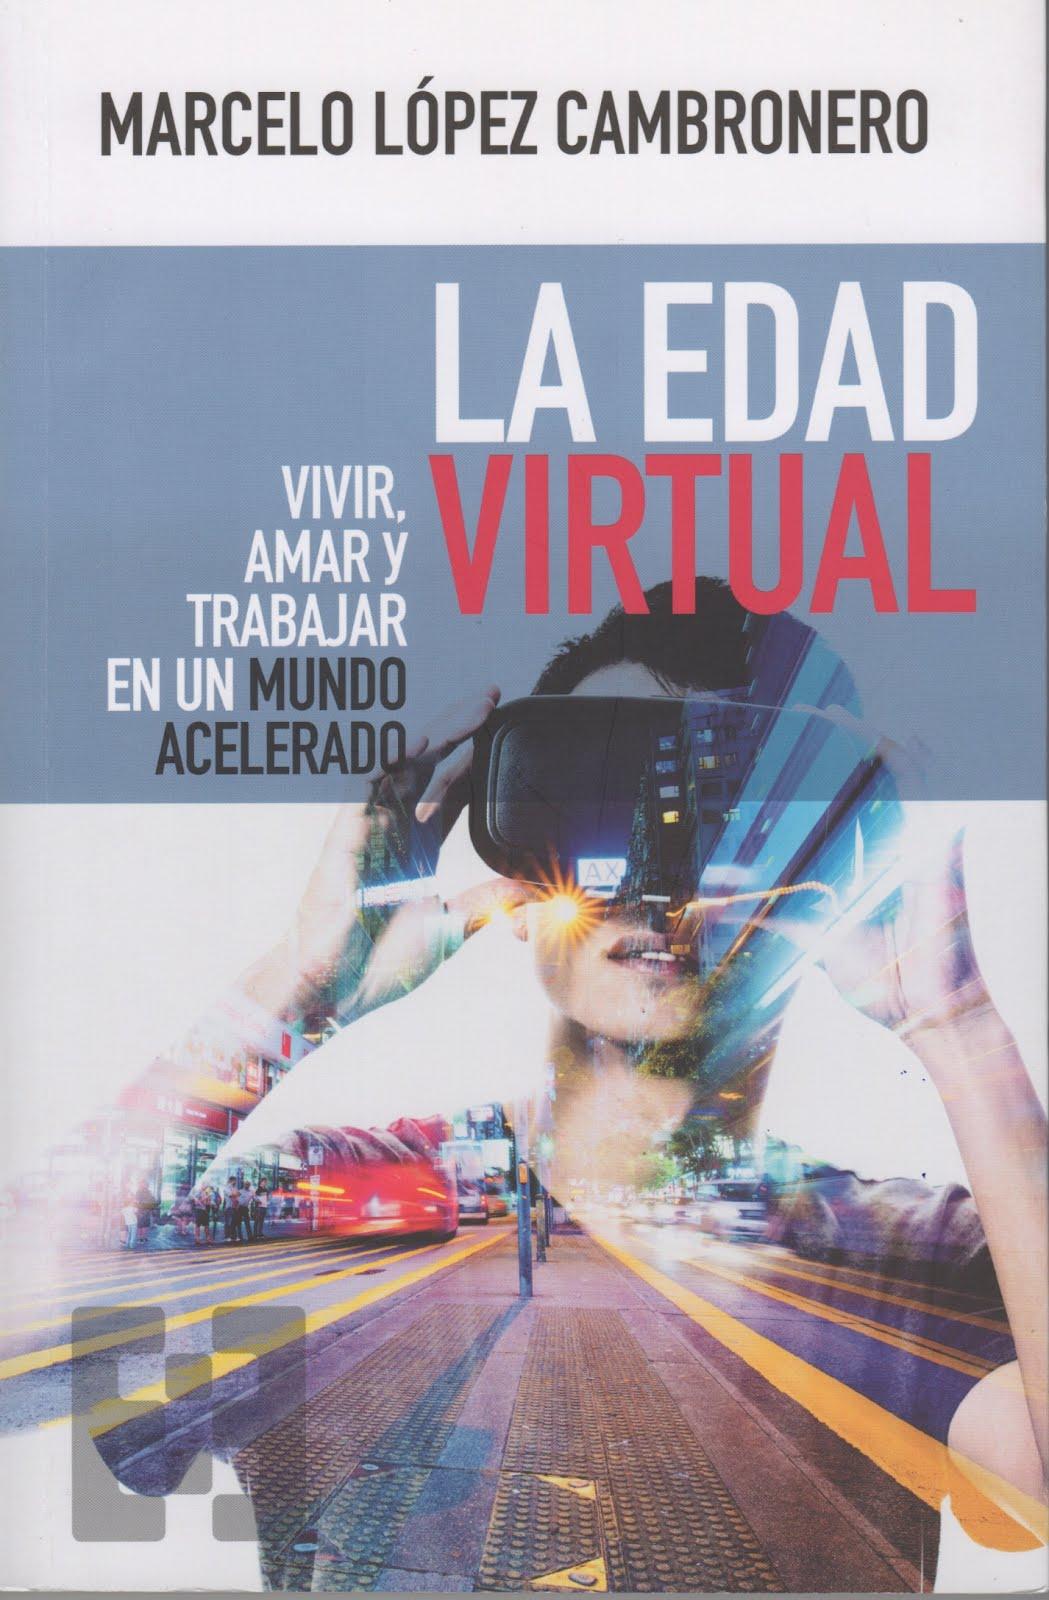 Marcelo López Cambronero (La edad virtual) Vivir, amar y trabajar en un mundo acelerado